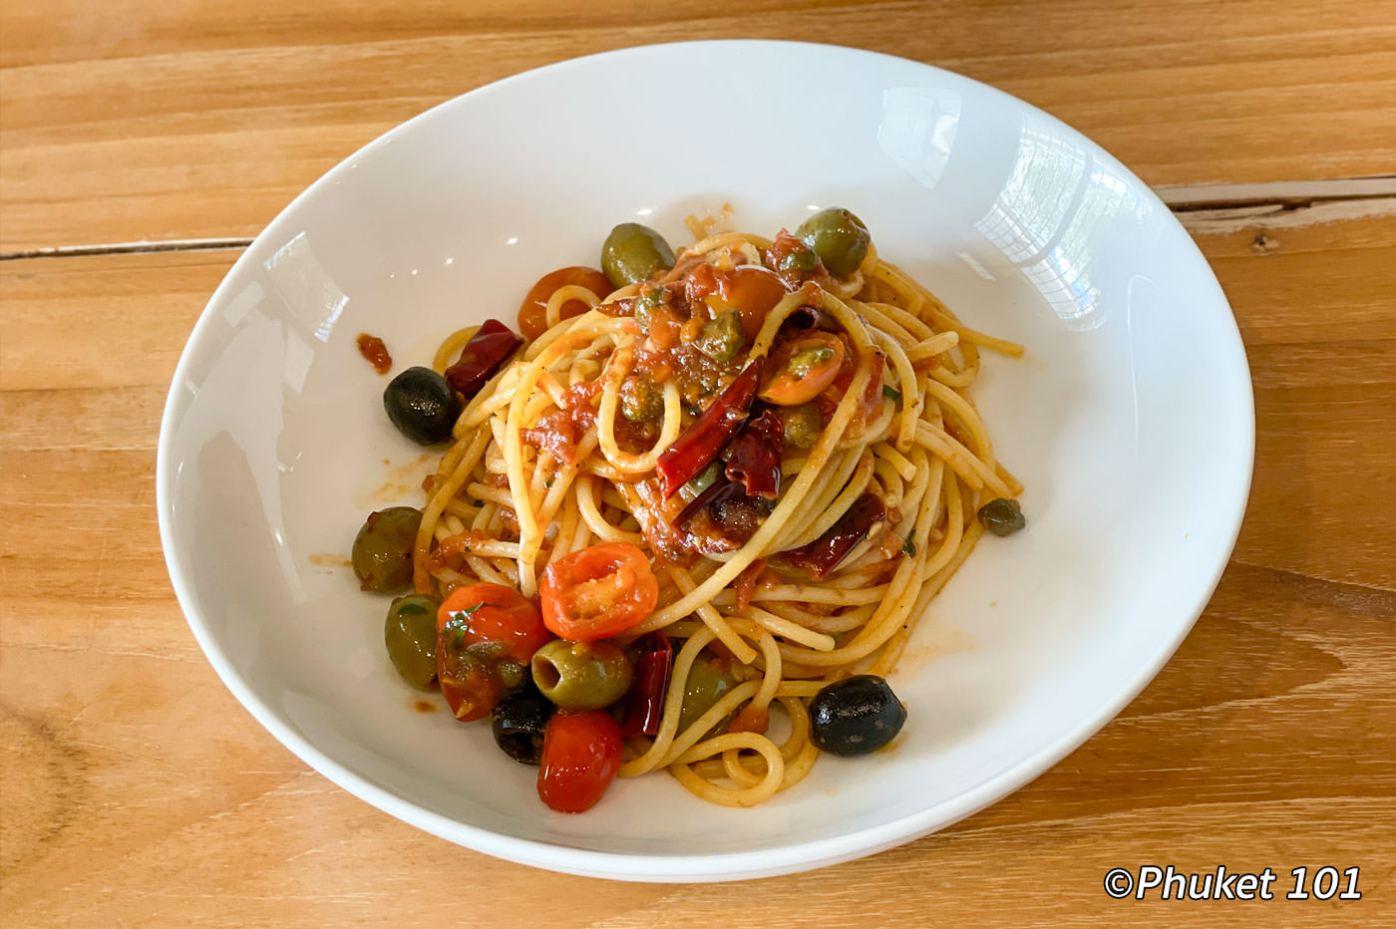 crust-cafe-restaurant-pasta